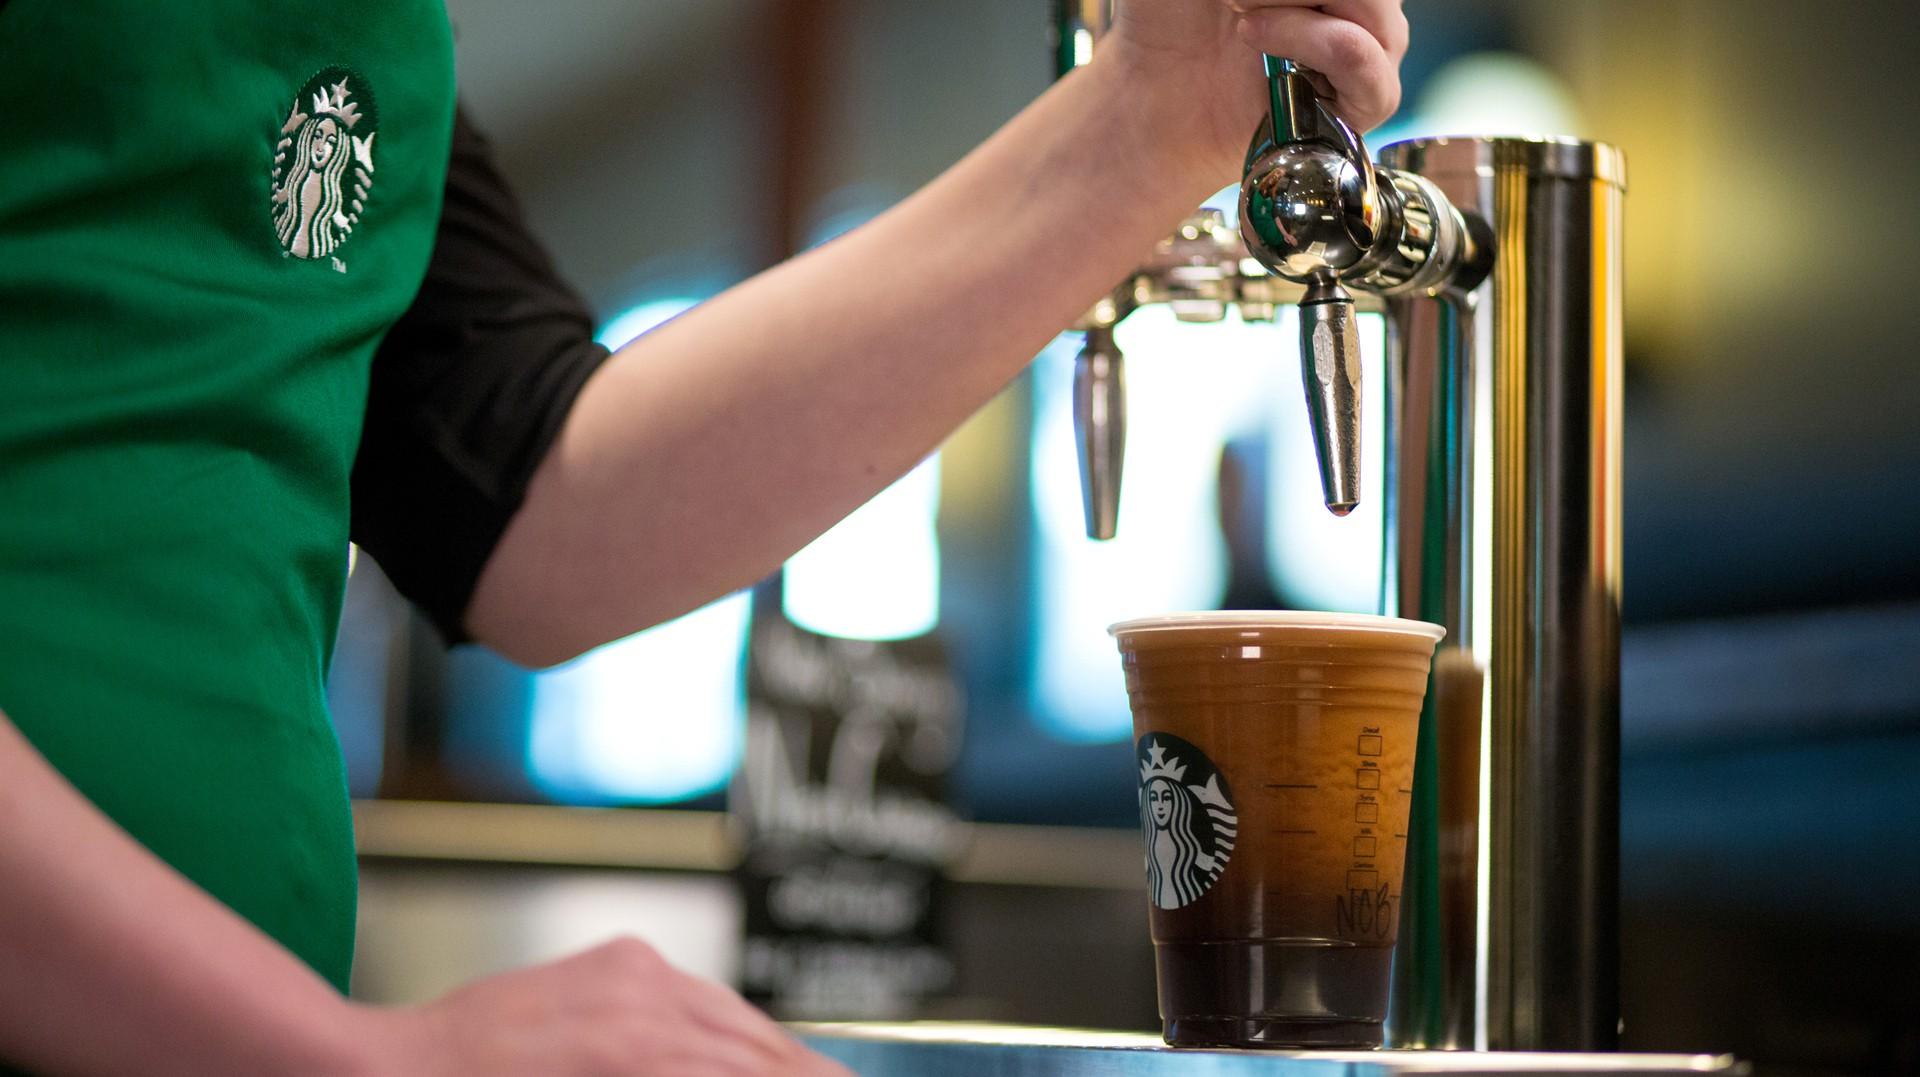 Thích làm khó người mua như Starbucks: có những thức uống bí mật không cho vào menu, phải sành sỏi mới biết - Ảnh 3.